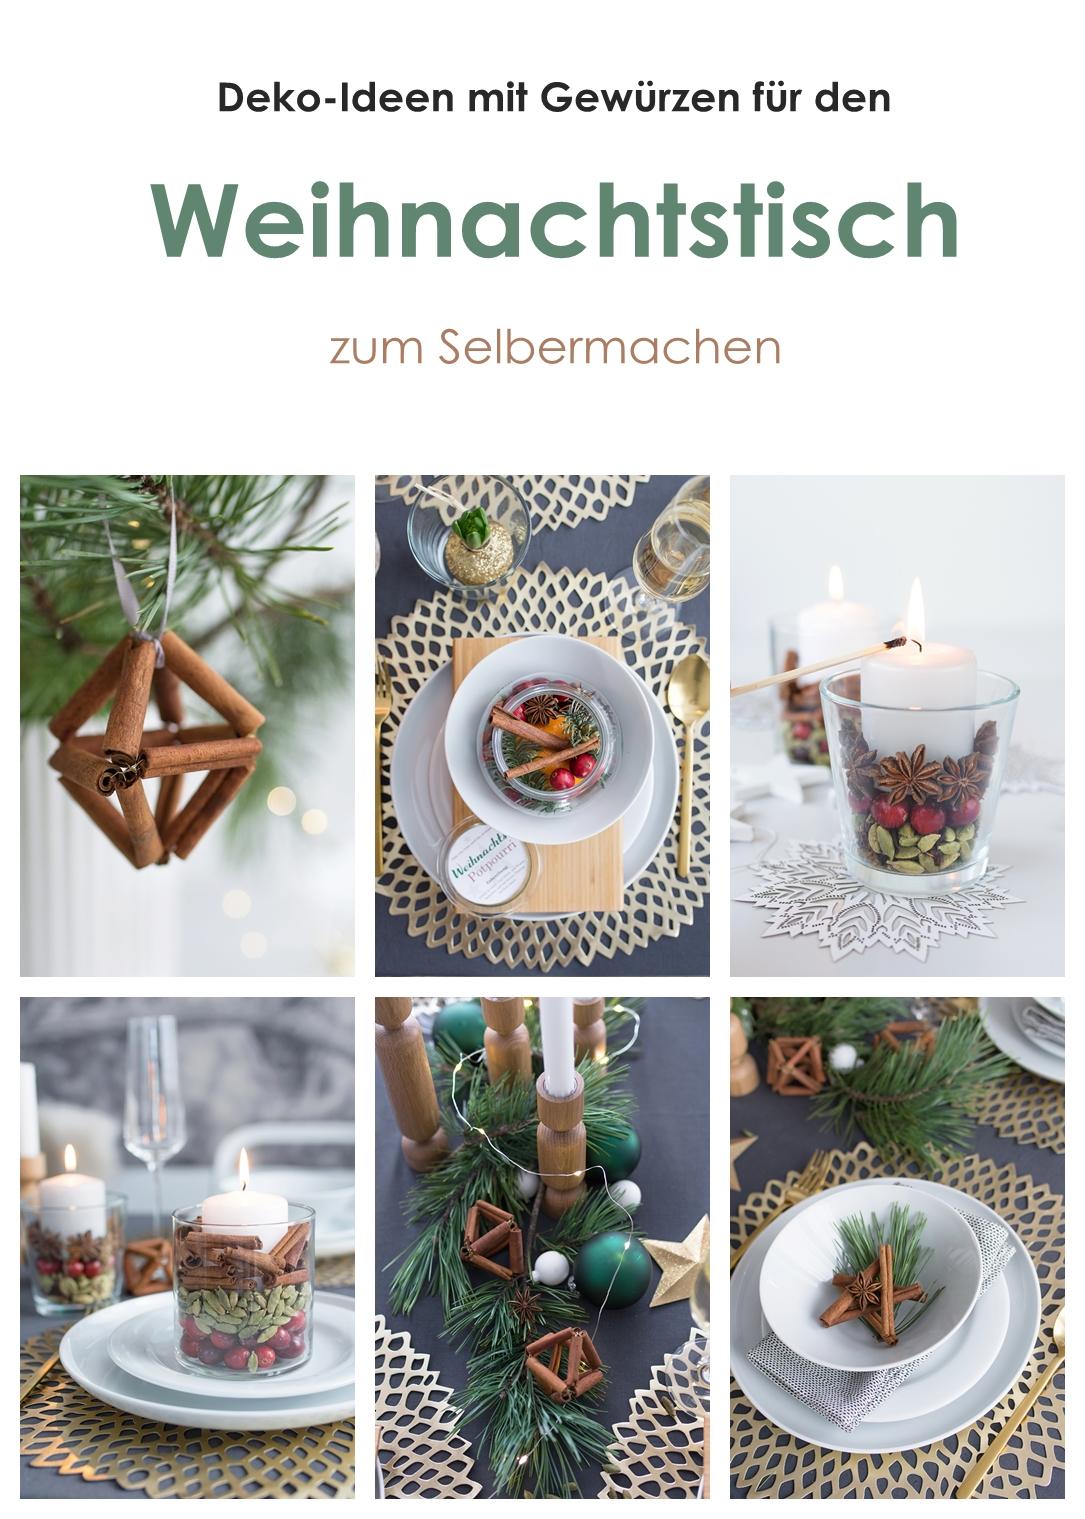 Deko-Ideen mit Gewürzen für den Weihnachtstisch zum Selbermachen